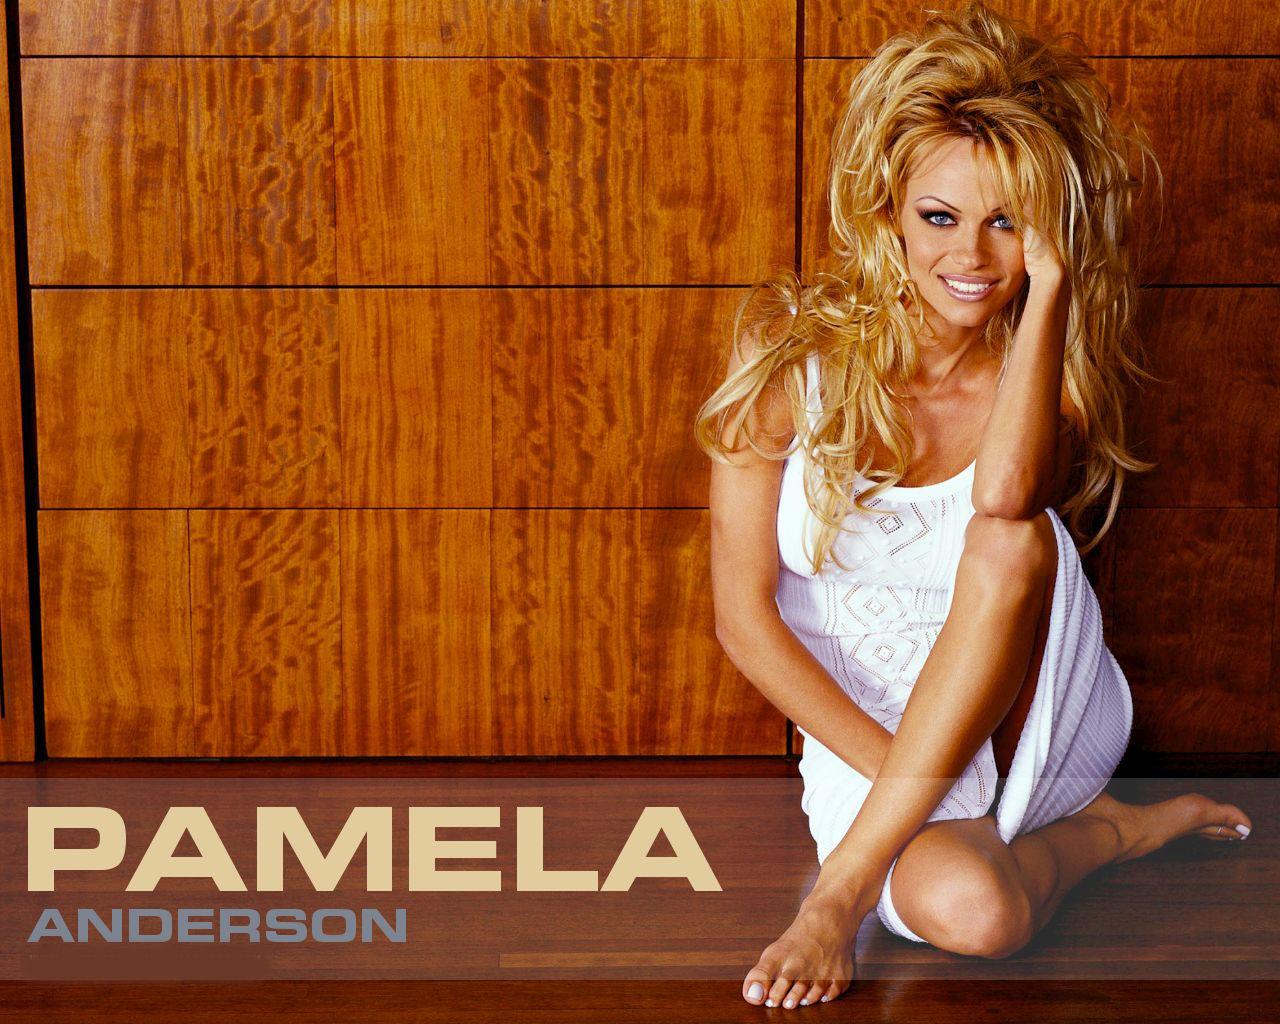 http://1.bp.blogspot.com/-yna-vaOoqxE/UQK1R7VHRvI/AAAAAAAAAyE/h52rrZkAGHA/s1600/pamela+anderson+2013+wallpapers+01.jpg